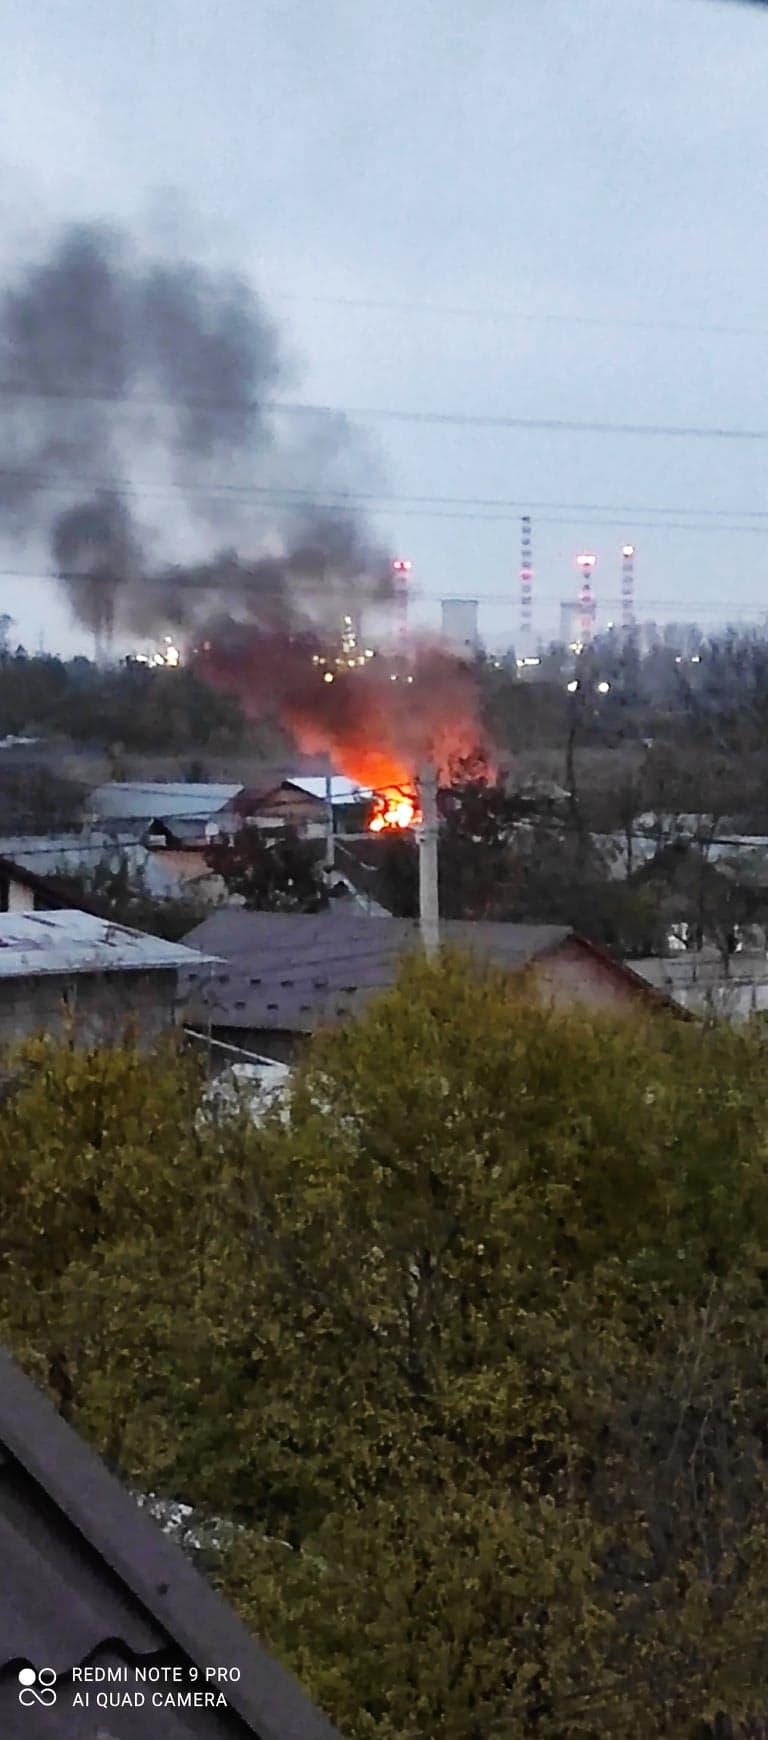 Reacția poliției după ce observatorulph.ro a publicat imagini cu poluarea masivă din Ploiești prin arderea deșeurilor